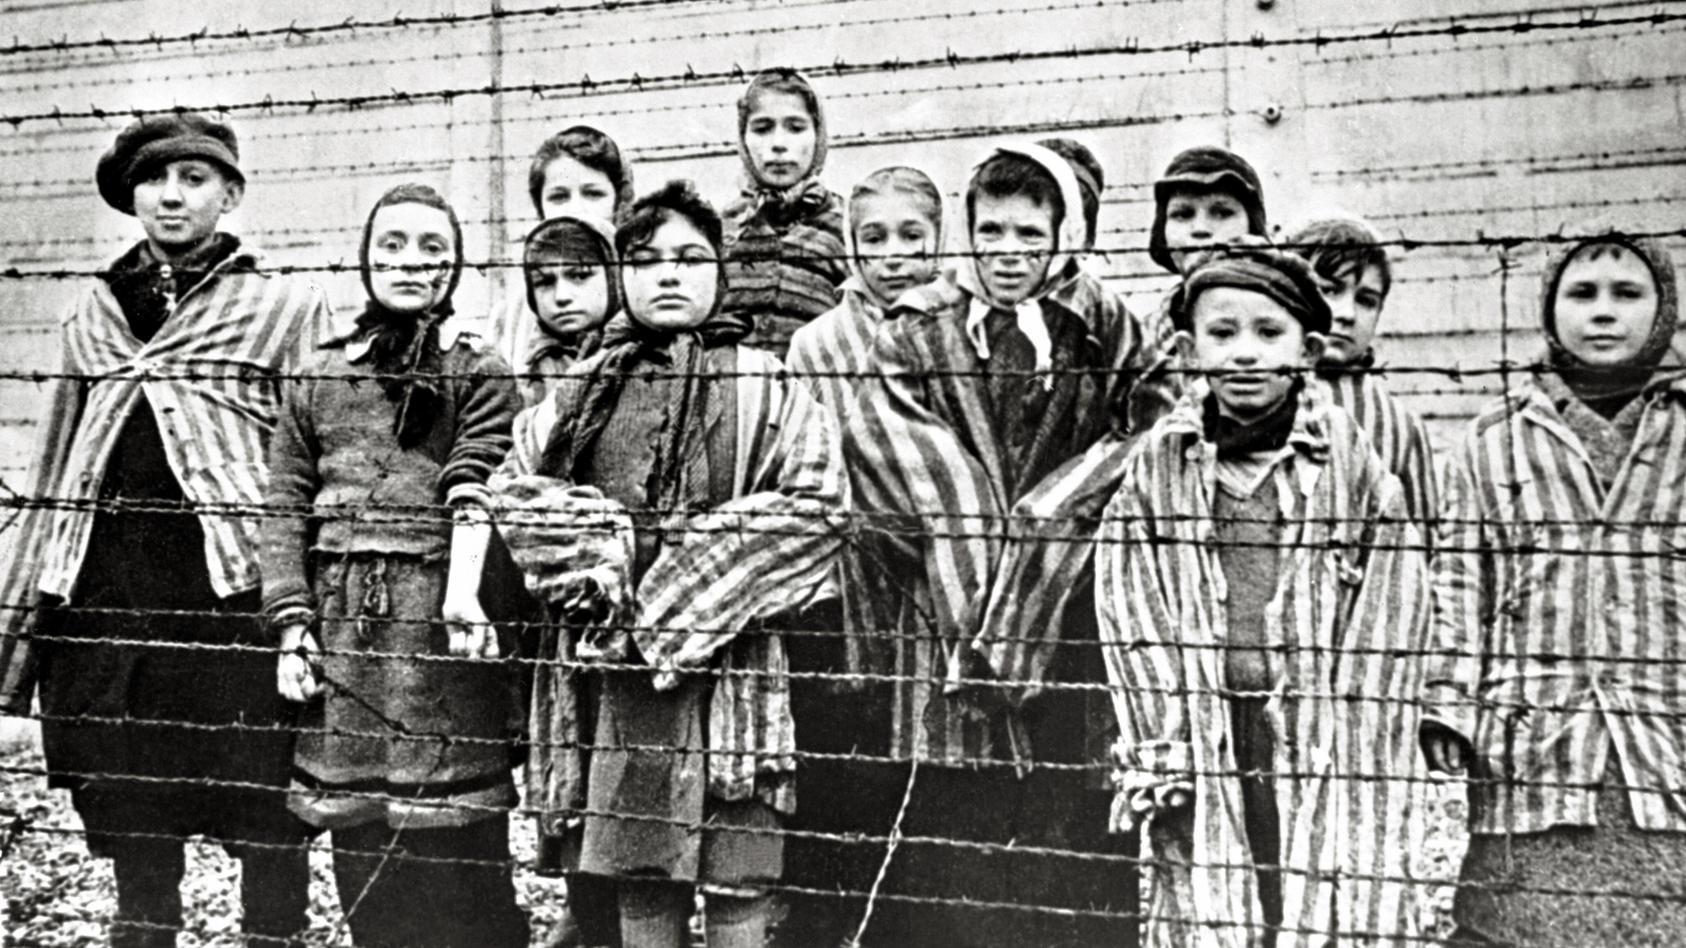 Überlebende jüdische Kinder in Auschwitz Mit Krankenschwester hinter Stacheldrahtzaun. Das Foto wurde von einem sowjeti